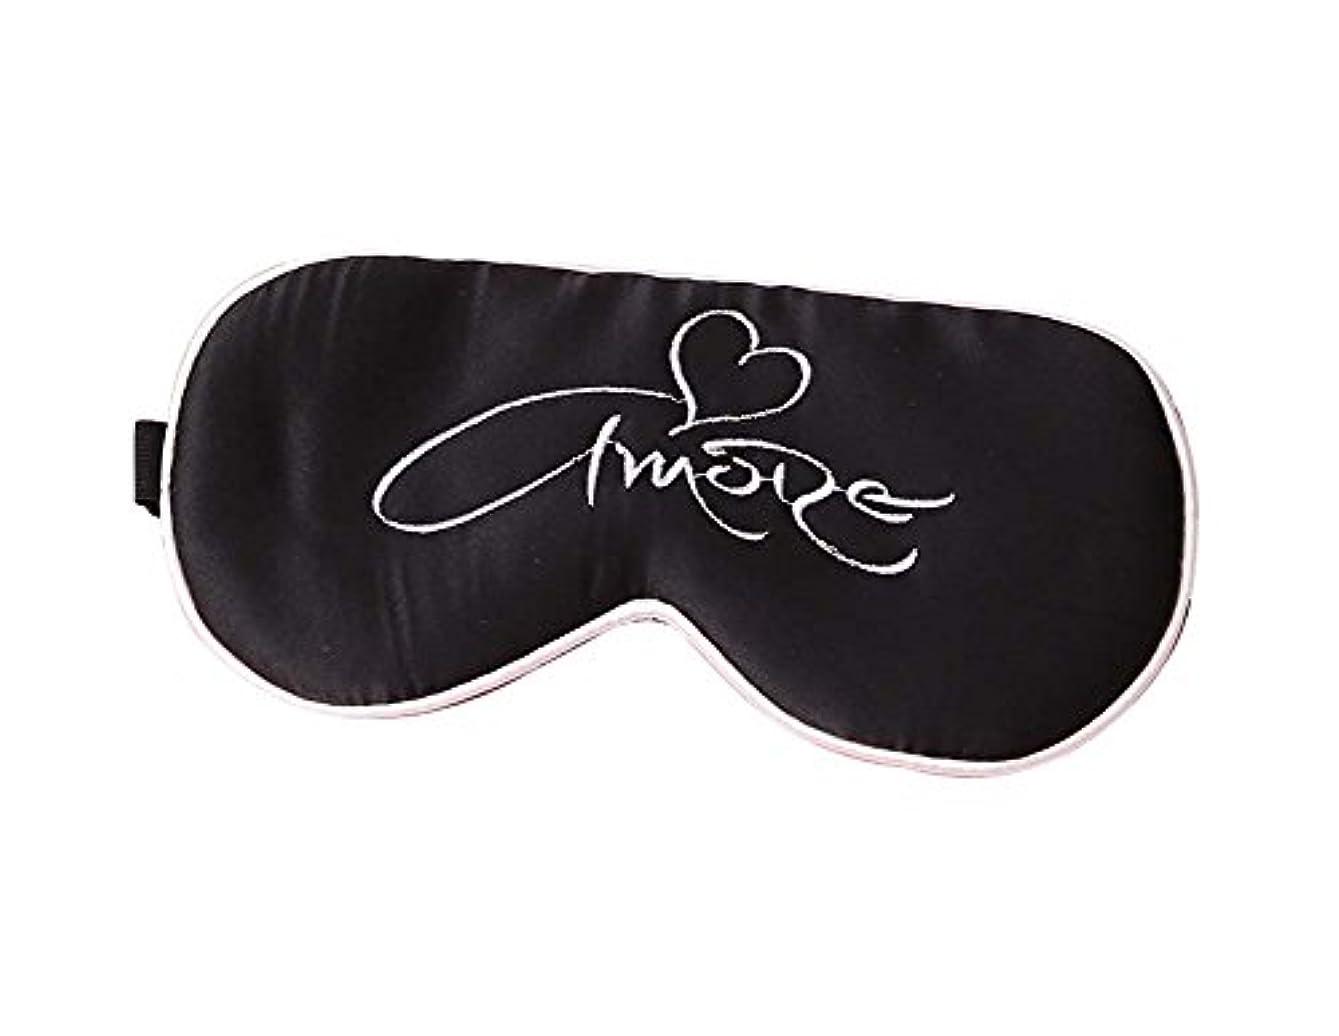 フローティング破壊する宿黒い刺繍睡眠のアイマスクシルク快適なアイカバー通気性のアイシェード